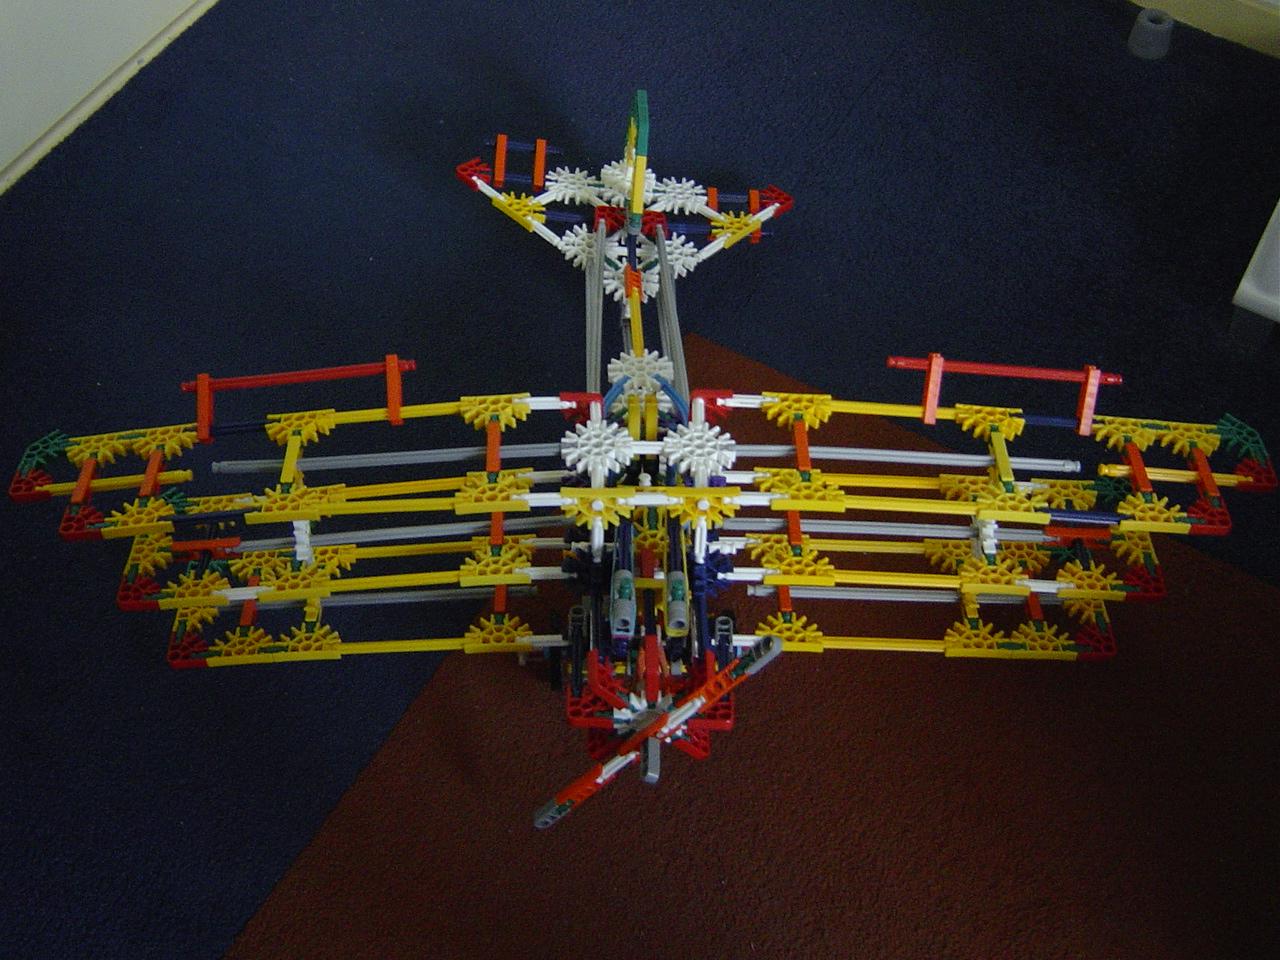 Knex fokker dr 1 (knex plane)